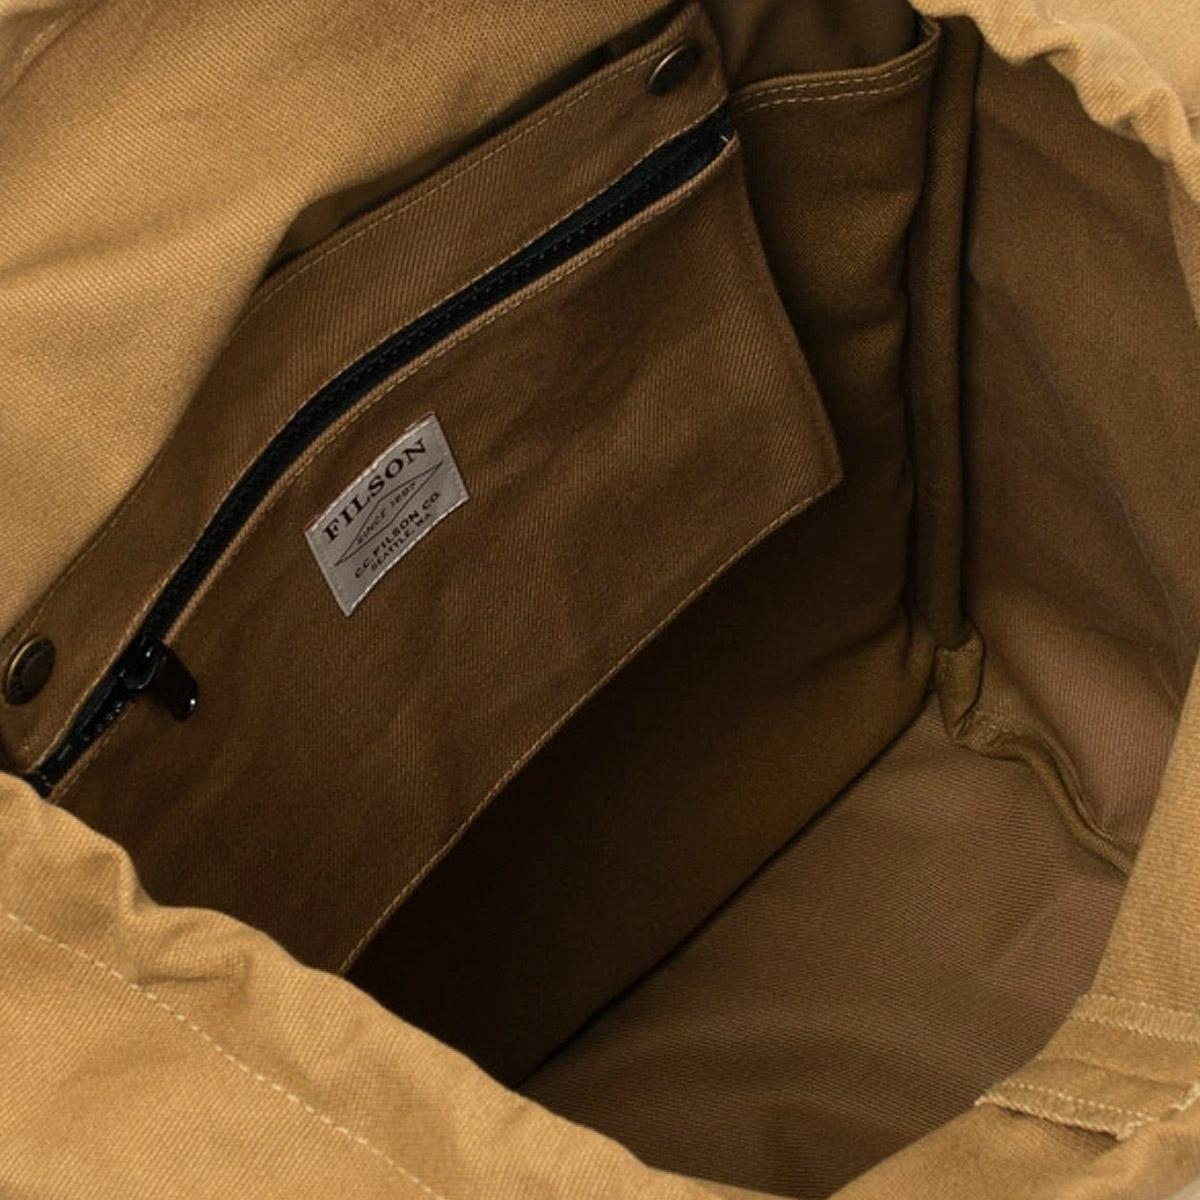 Filson Ranger Backpack 20137828 Tan a rugged, vintage inspired, backpack